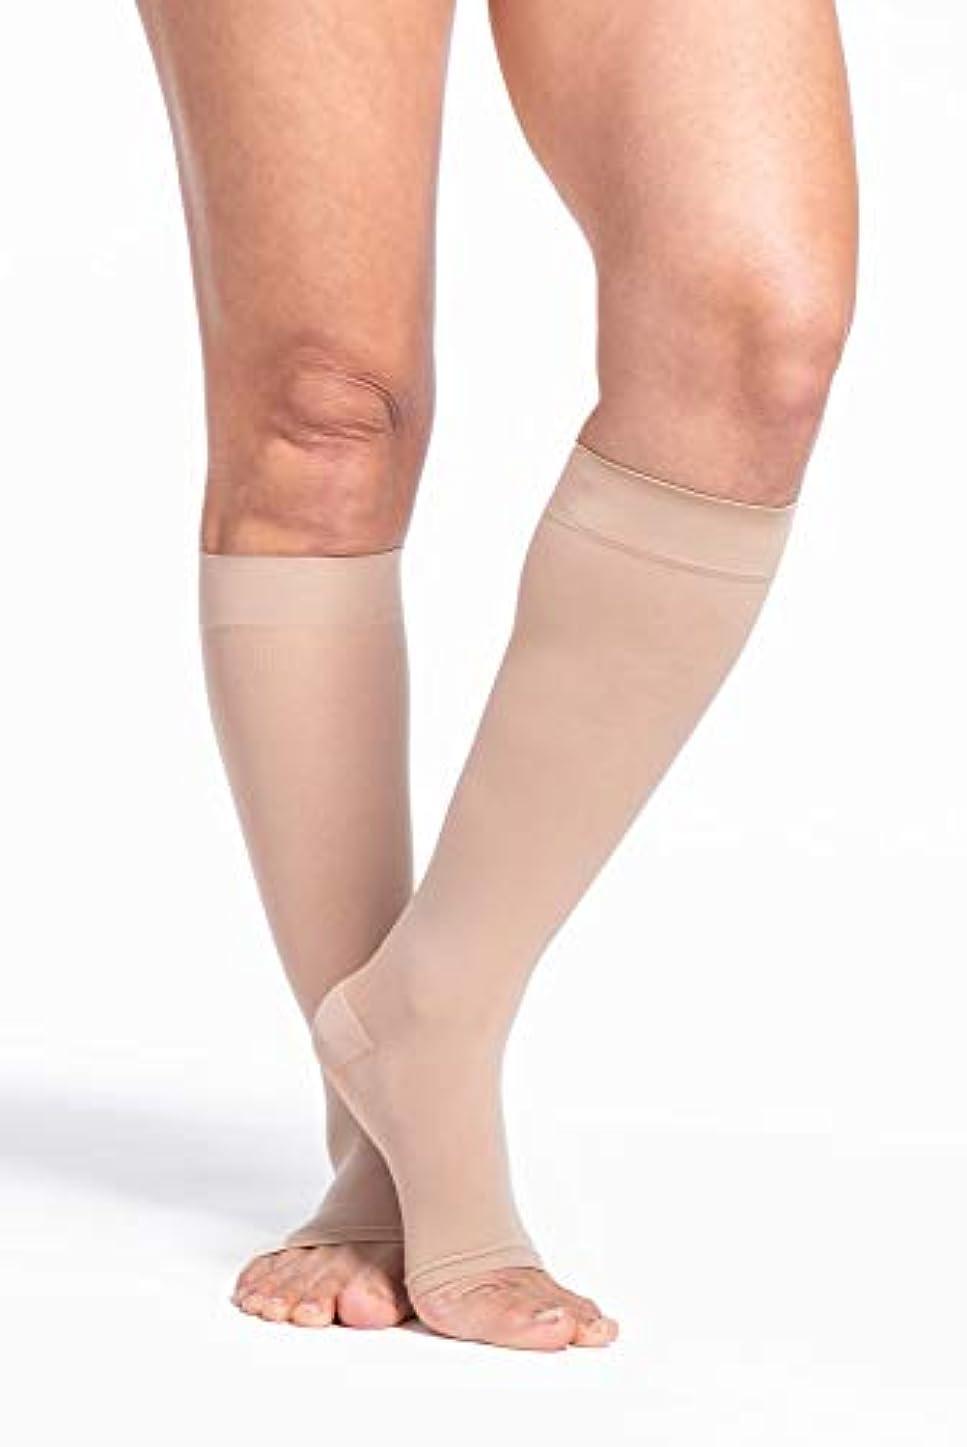 仲人ボタン用心深いSigvaris EverSheer 781CMLO33 15-20 Mmhg Open Toe Medium Long Calf Hosiery For Women, Natural by Sigvaris